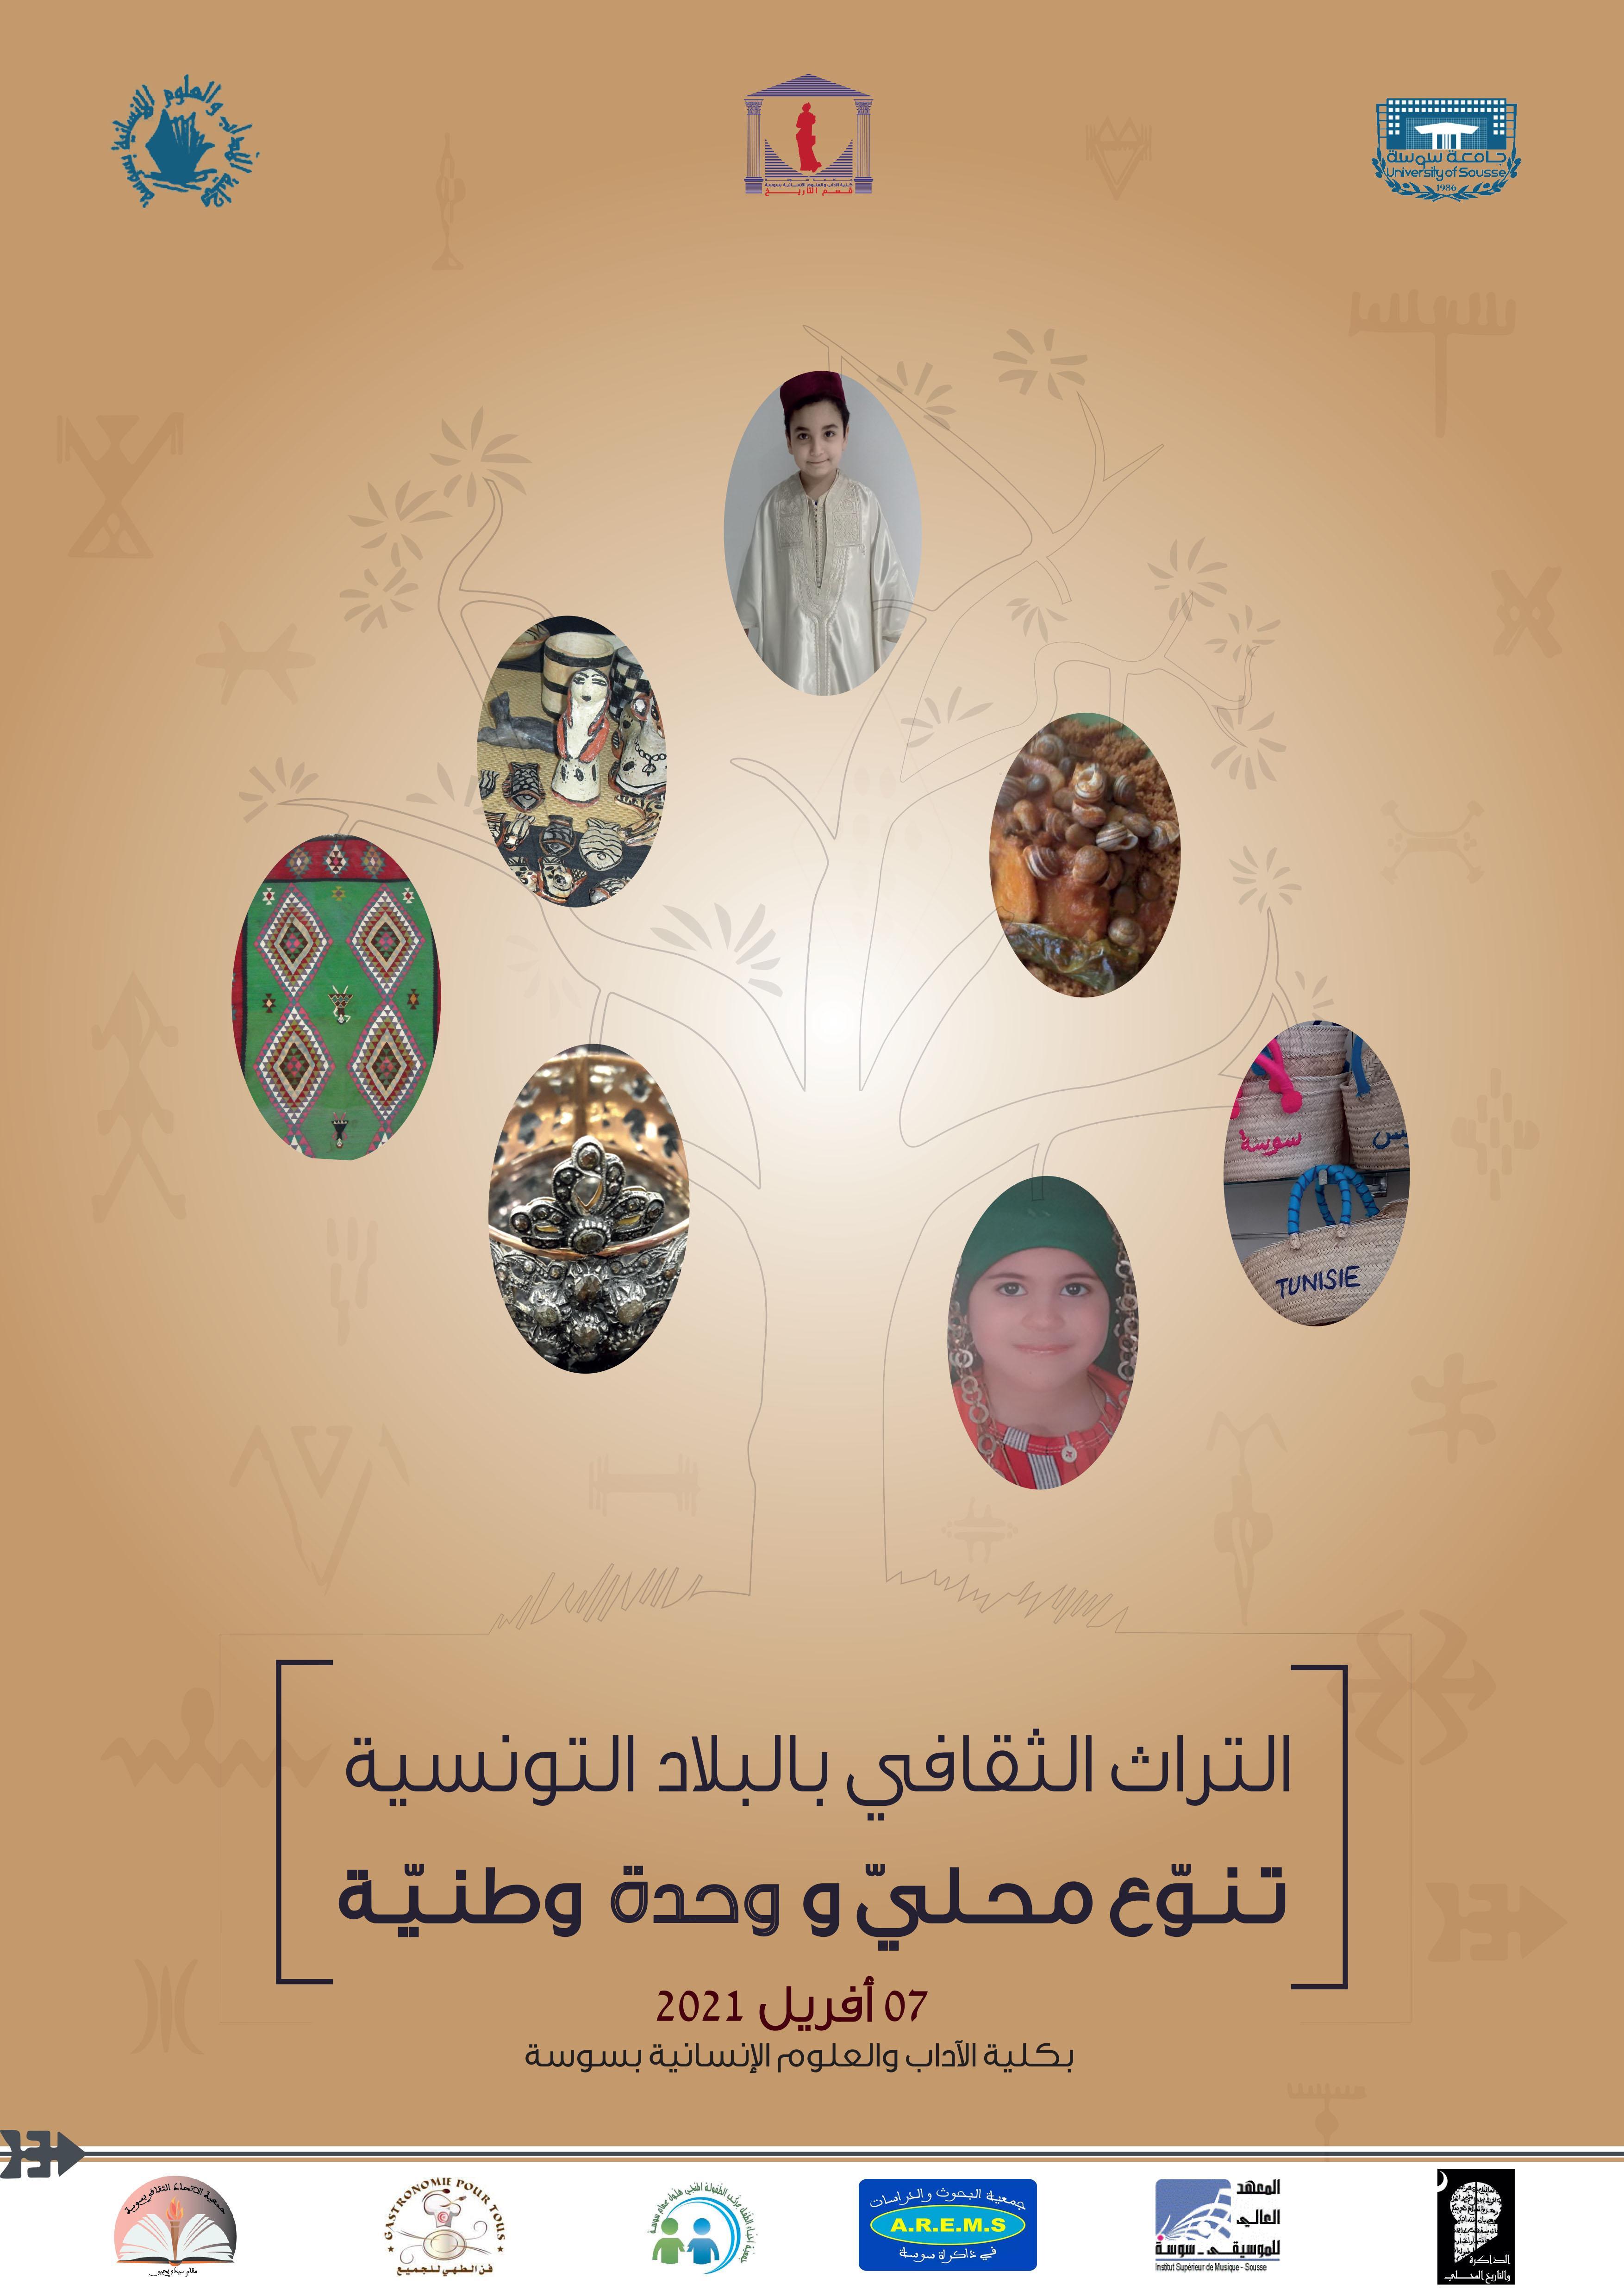 التراث الثقافي بالبلاد التونسيّة، تنوع محليّ ووحدة وطنيّة